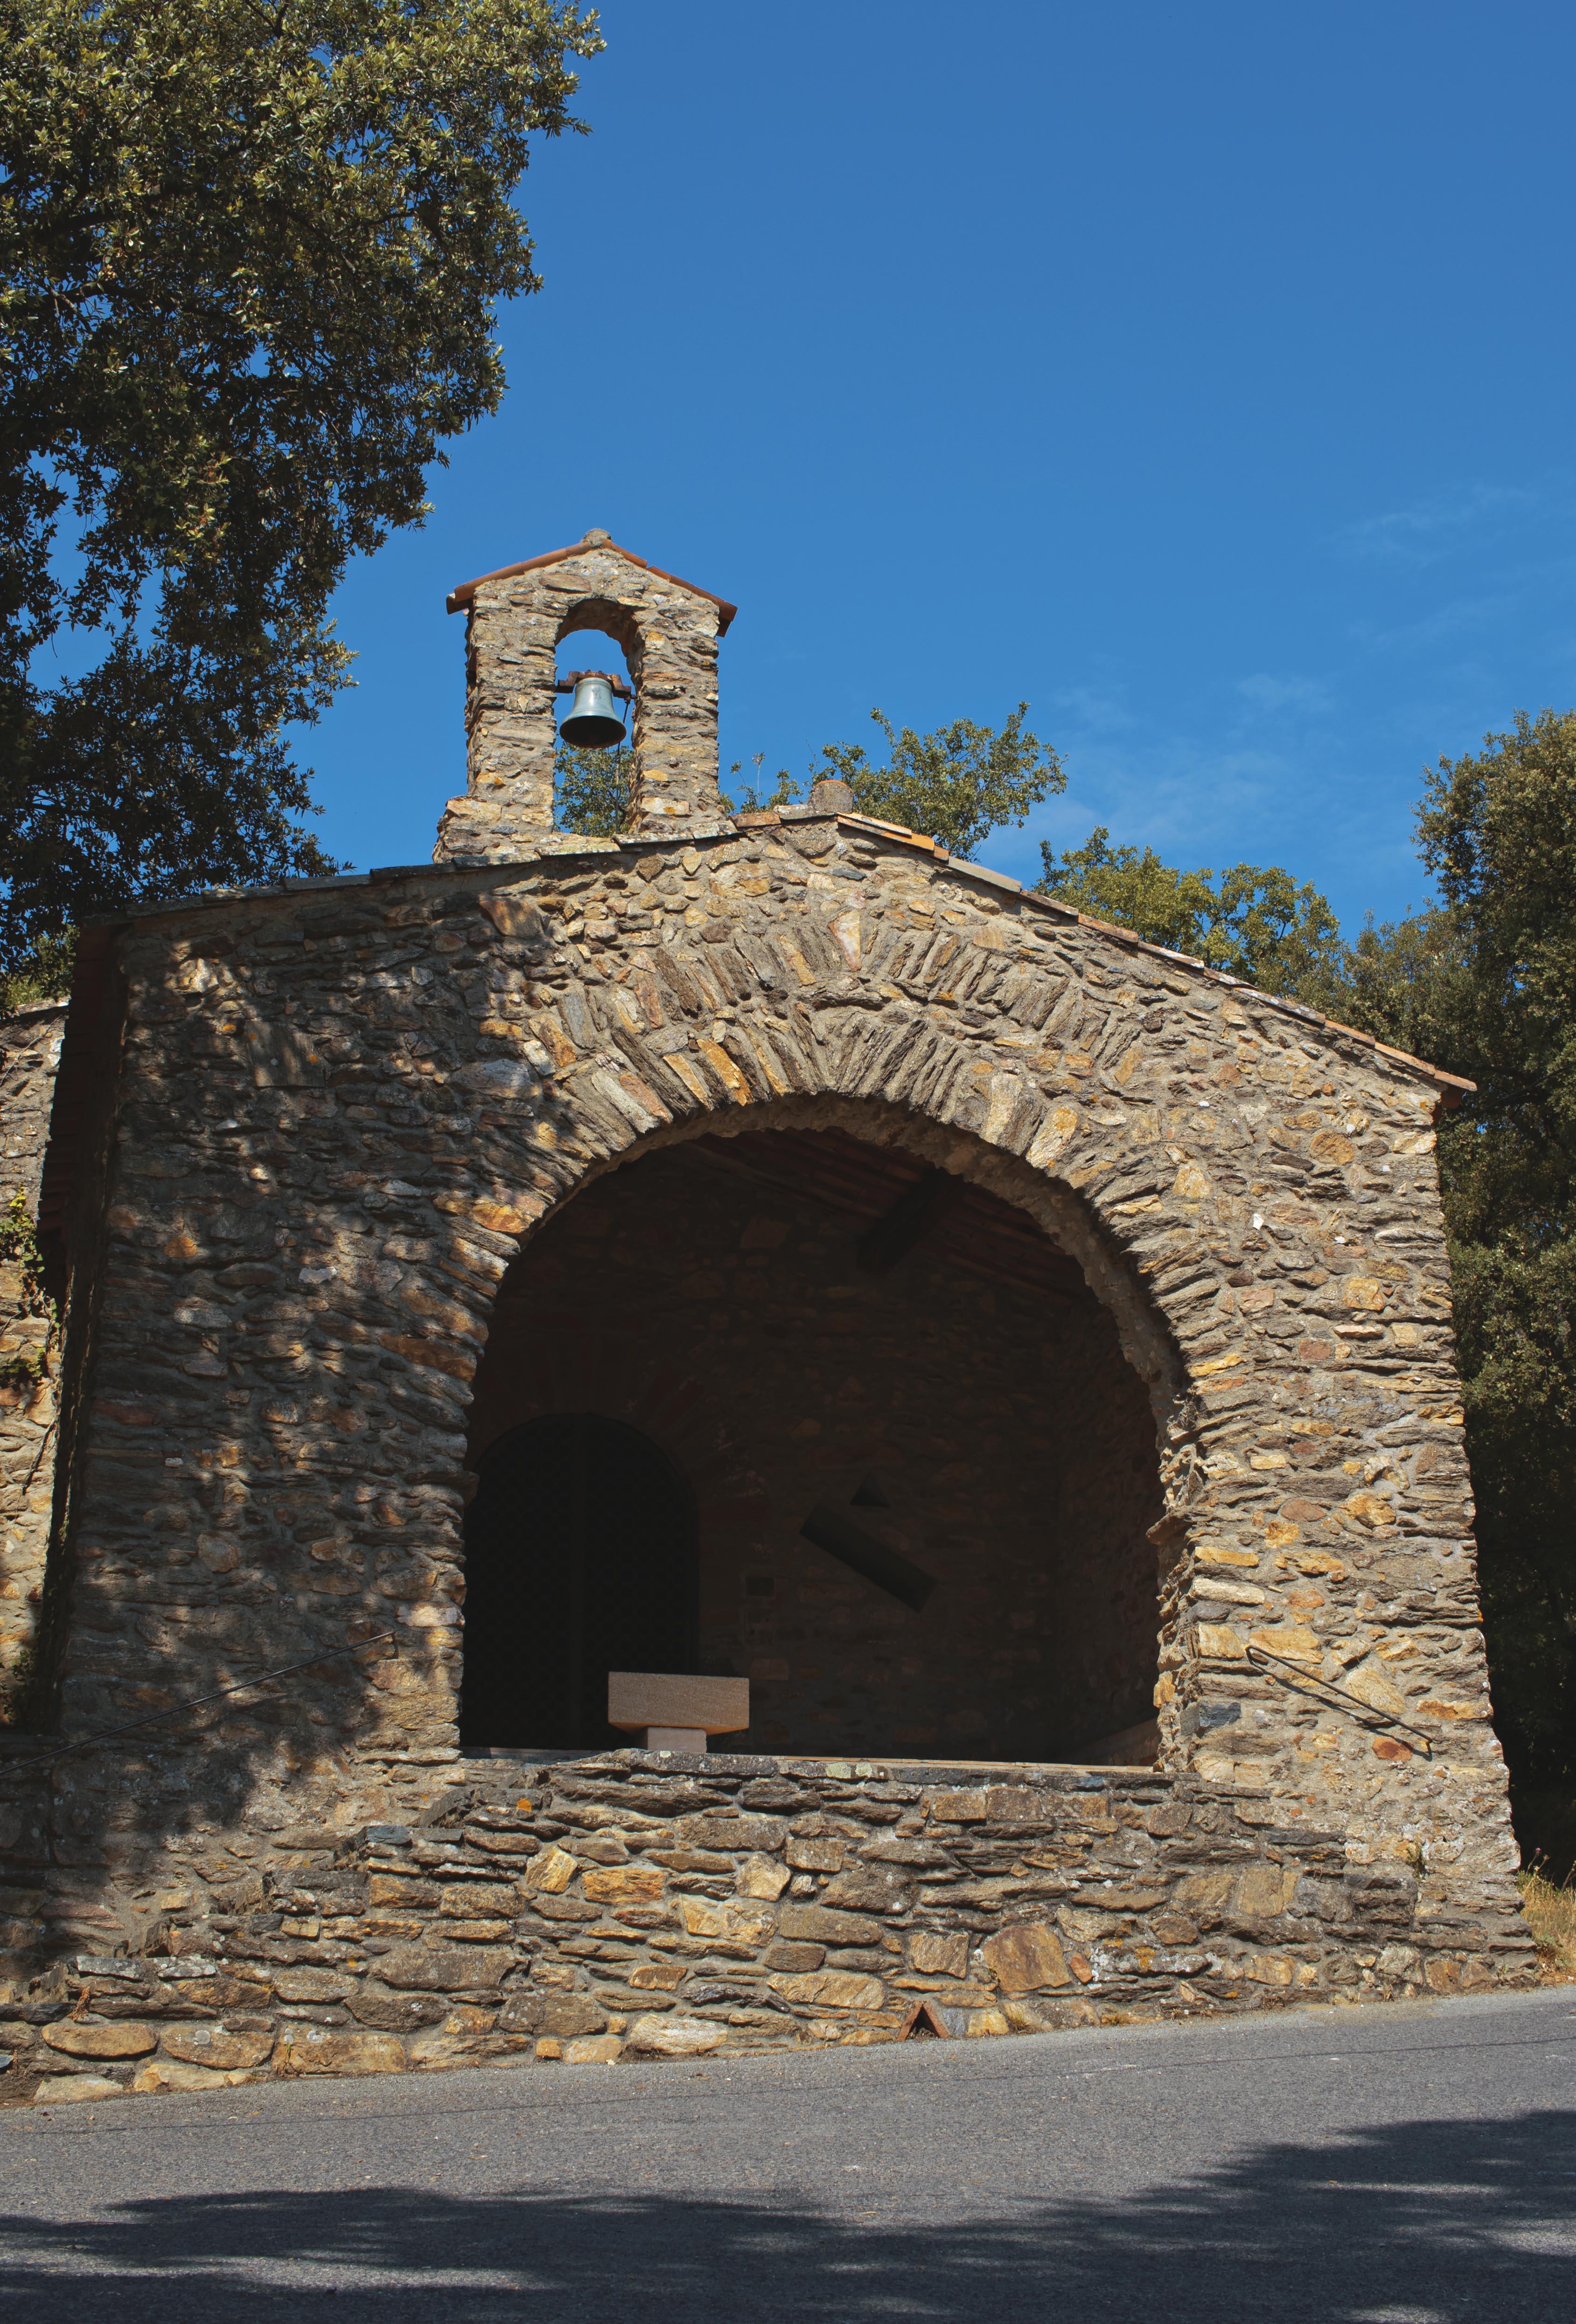 The Chapelle Saint Clement in Cote d'Azur